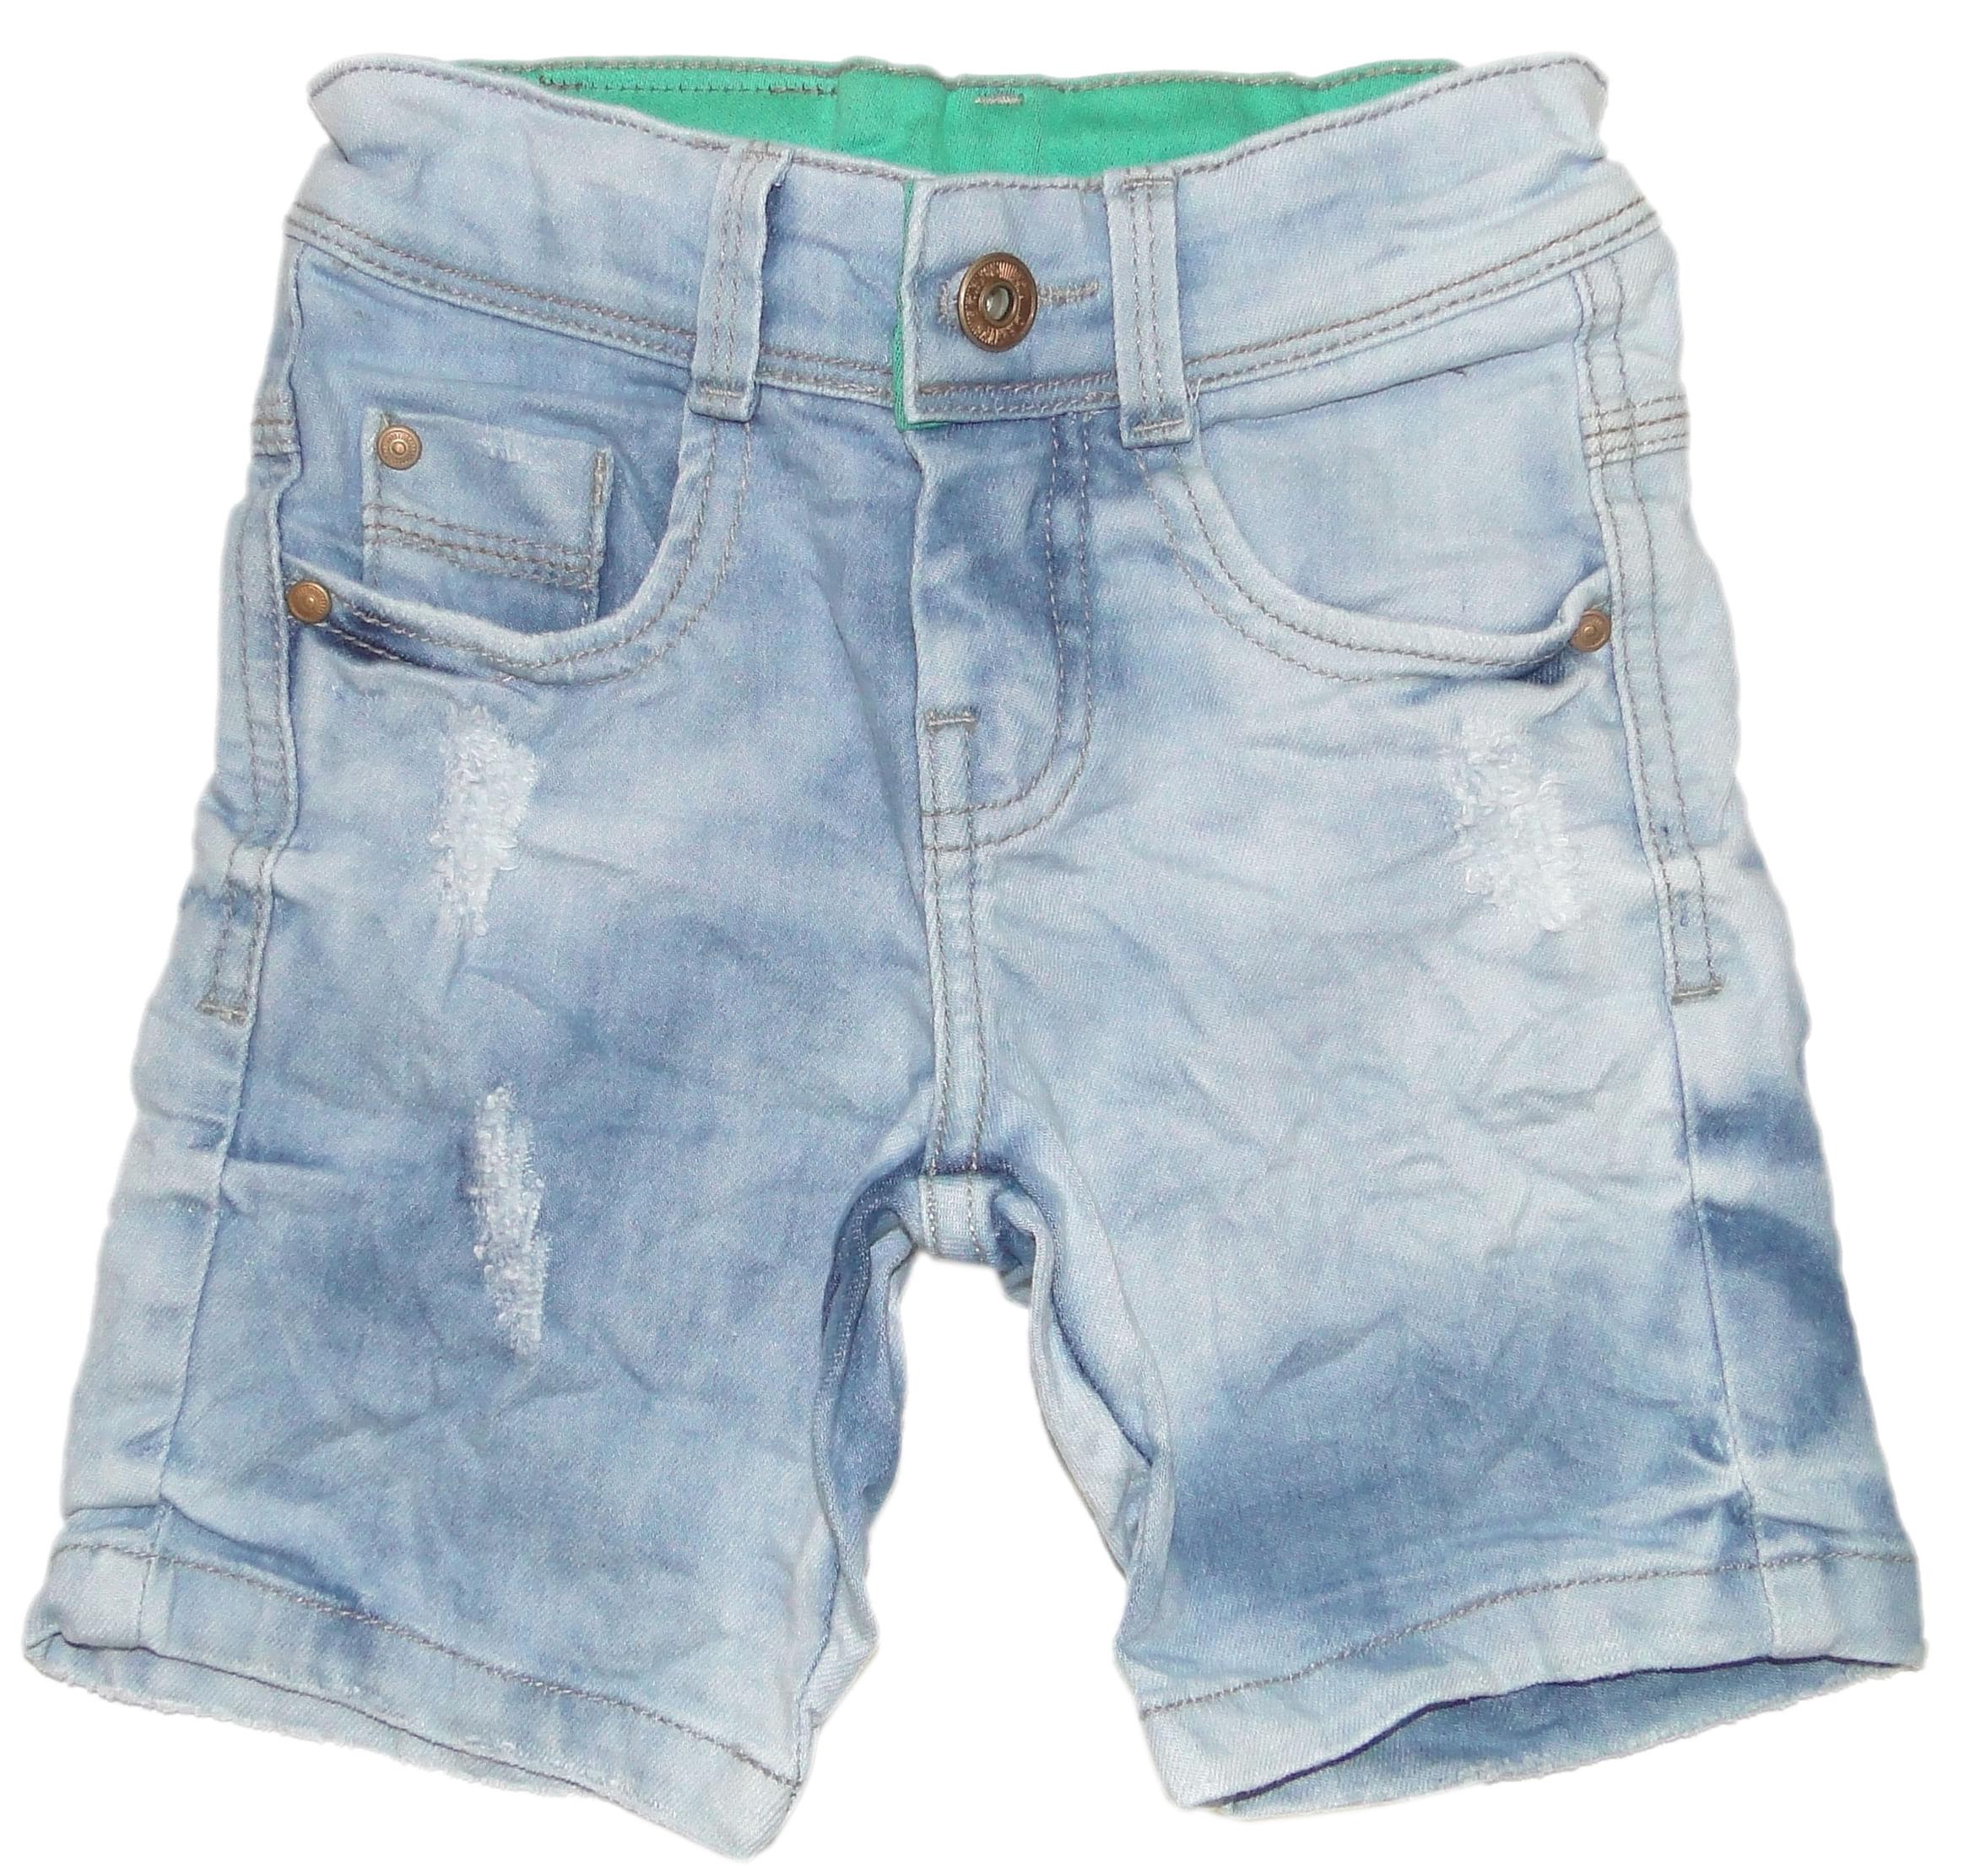 Bermuda Menino Jeans Claro Estonado Amassado - Joy by Morena Rosa 2